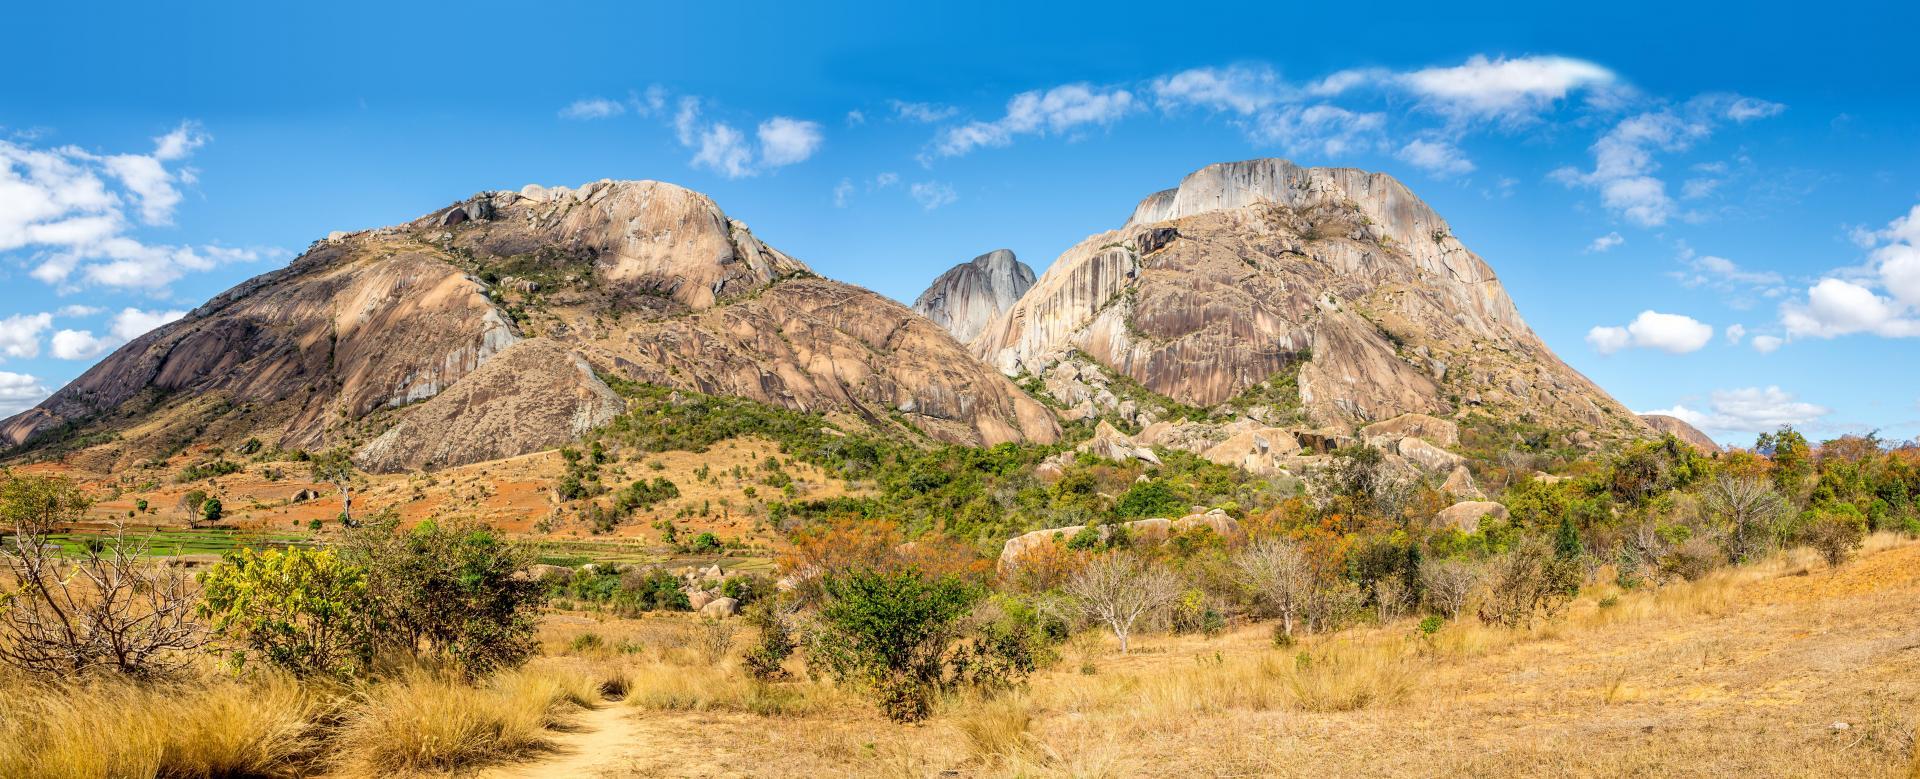 Voyage à pied : Le grand sud malgache